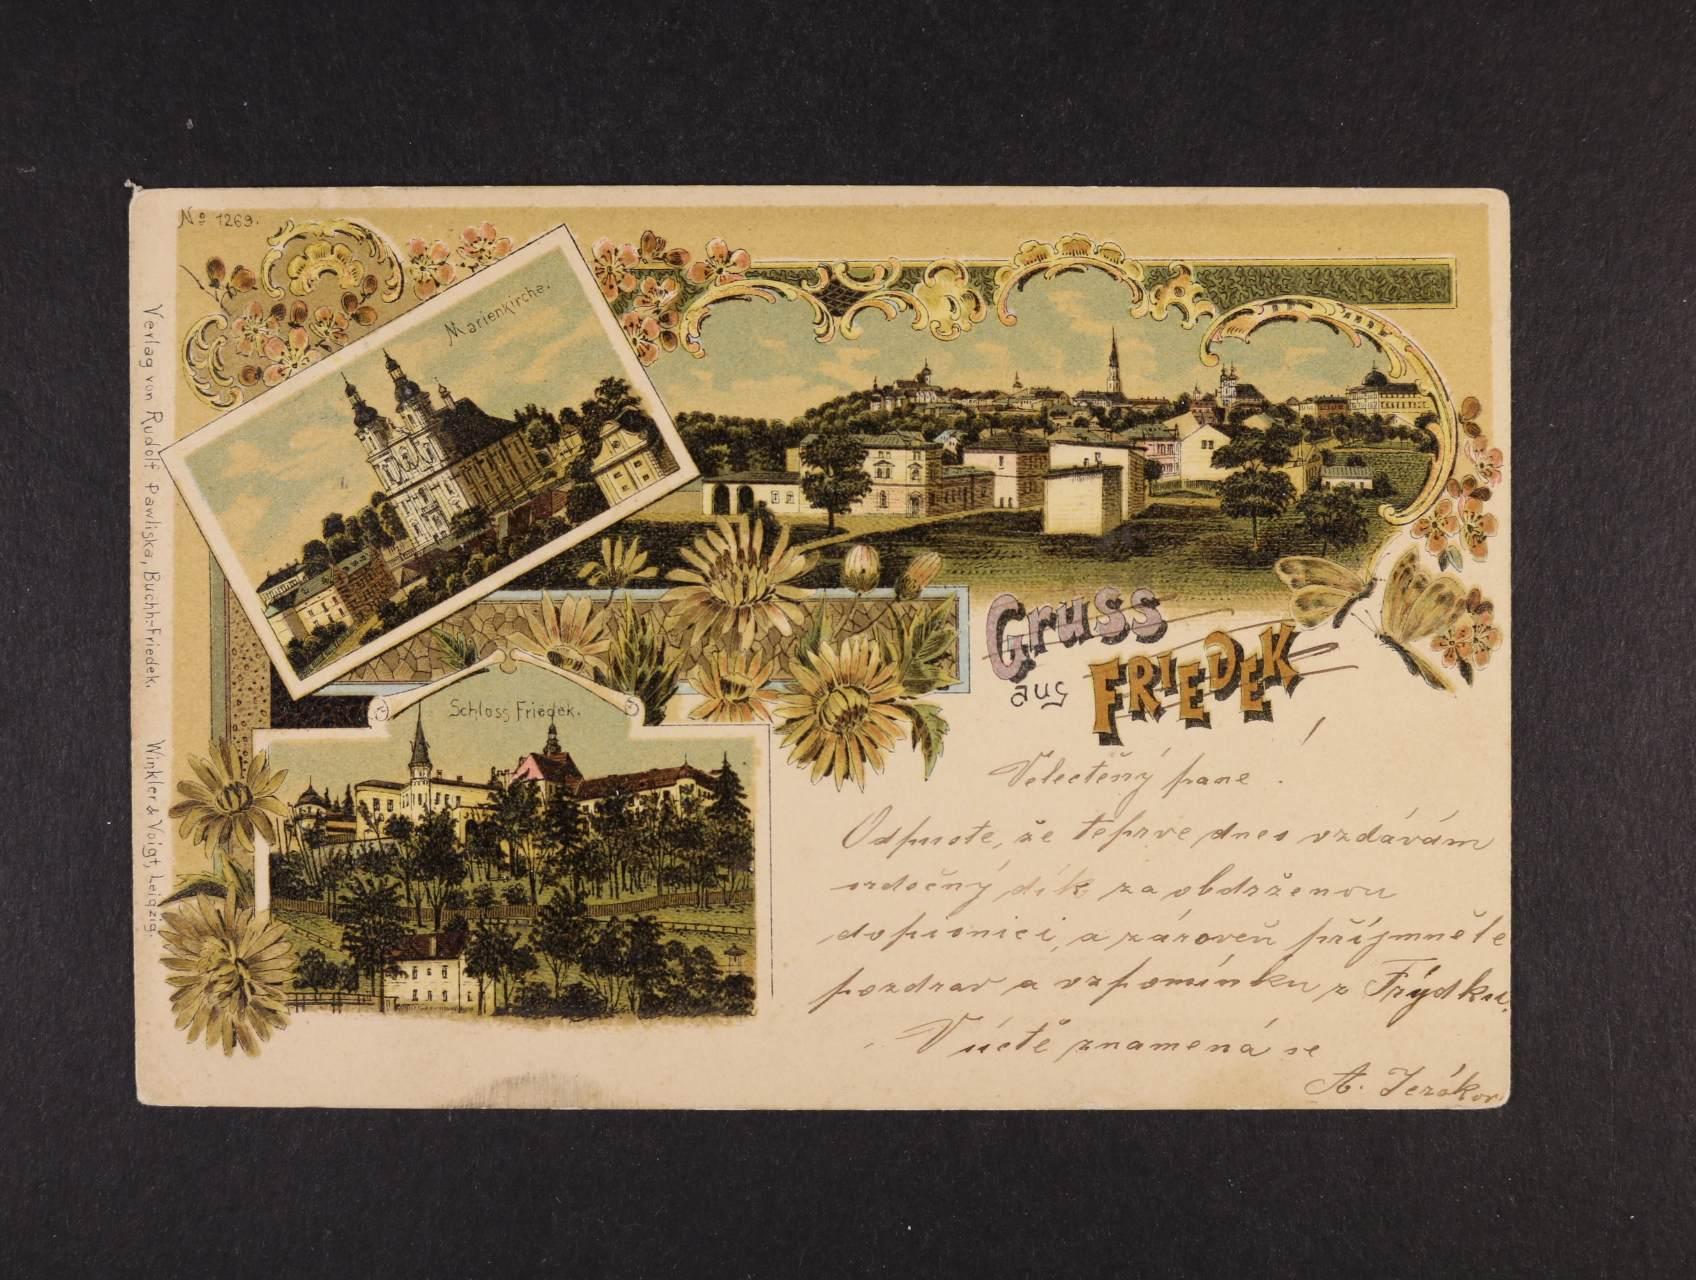 Frýdek - bar. litograf. koláž, dl. adresa, použitá 1899, dobrá kvalita